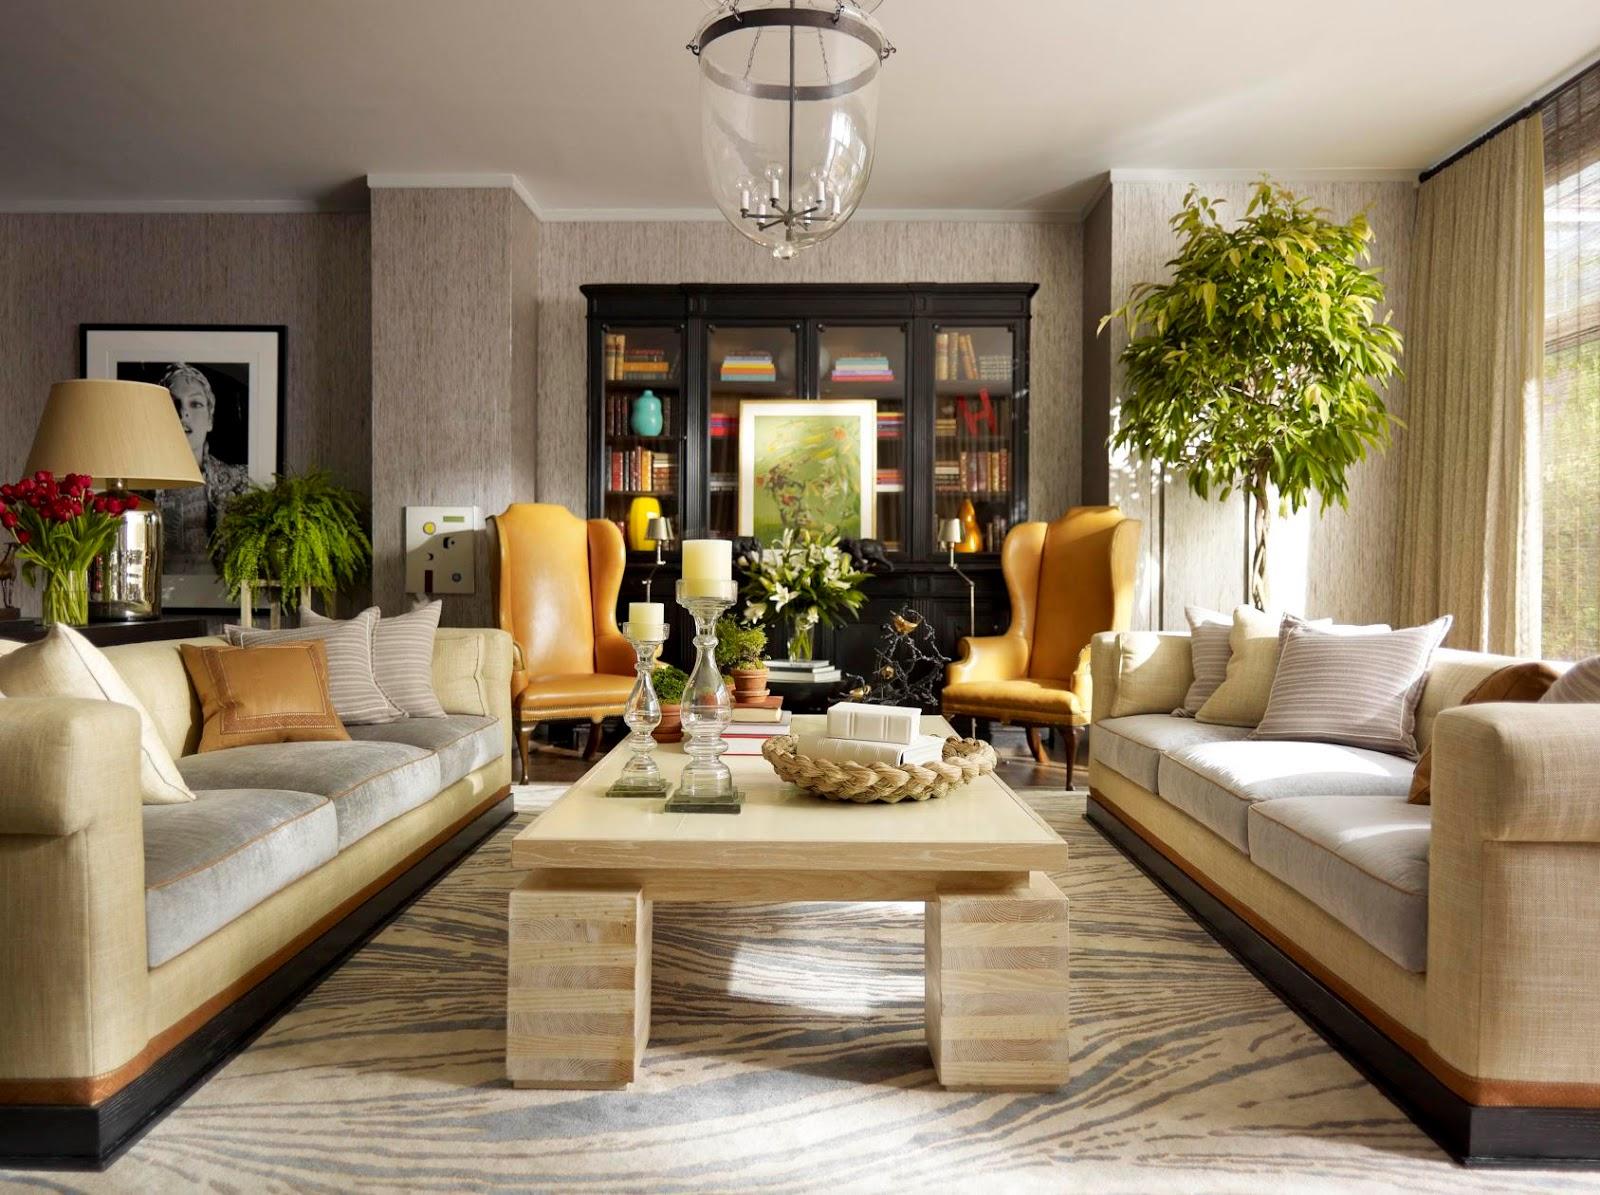 Hogyan alakítsunk ki merész színekkel finoman komponált nappalit ...